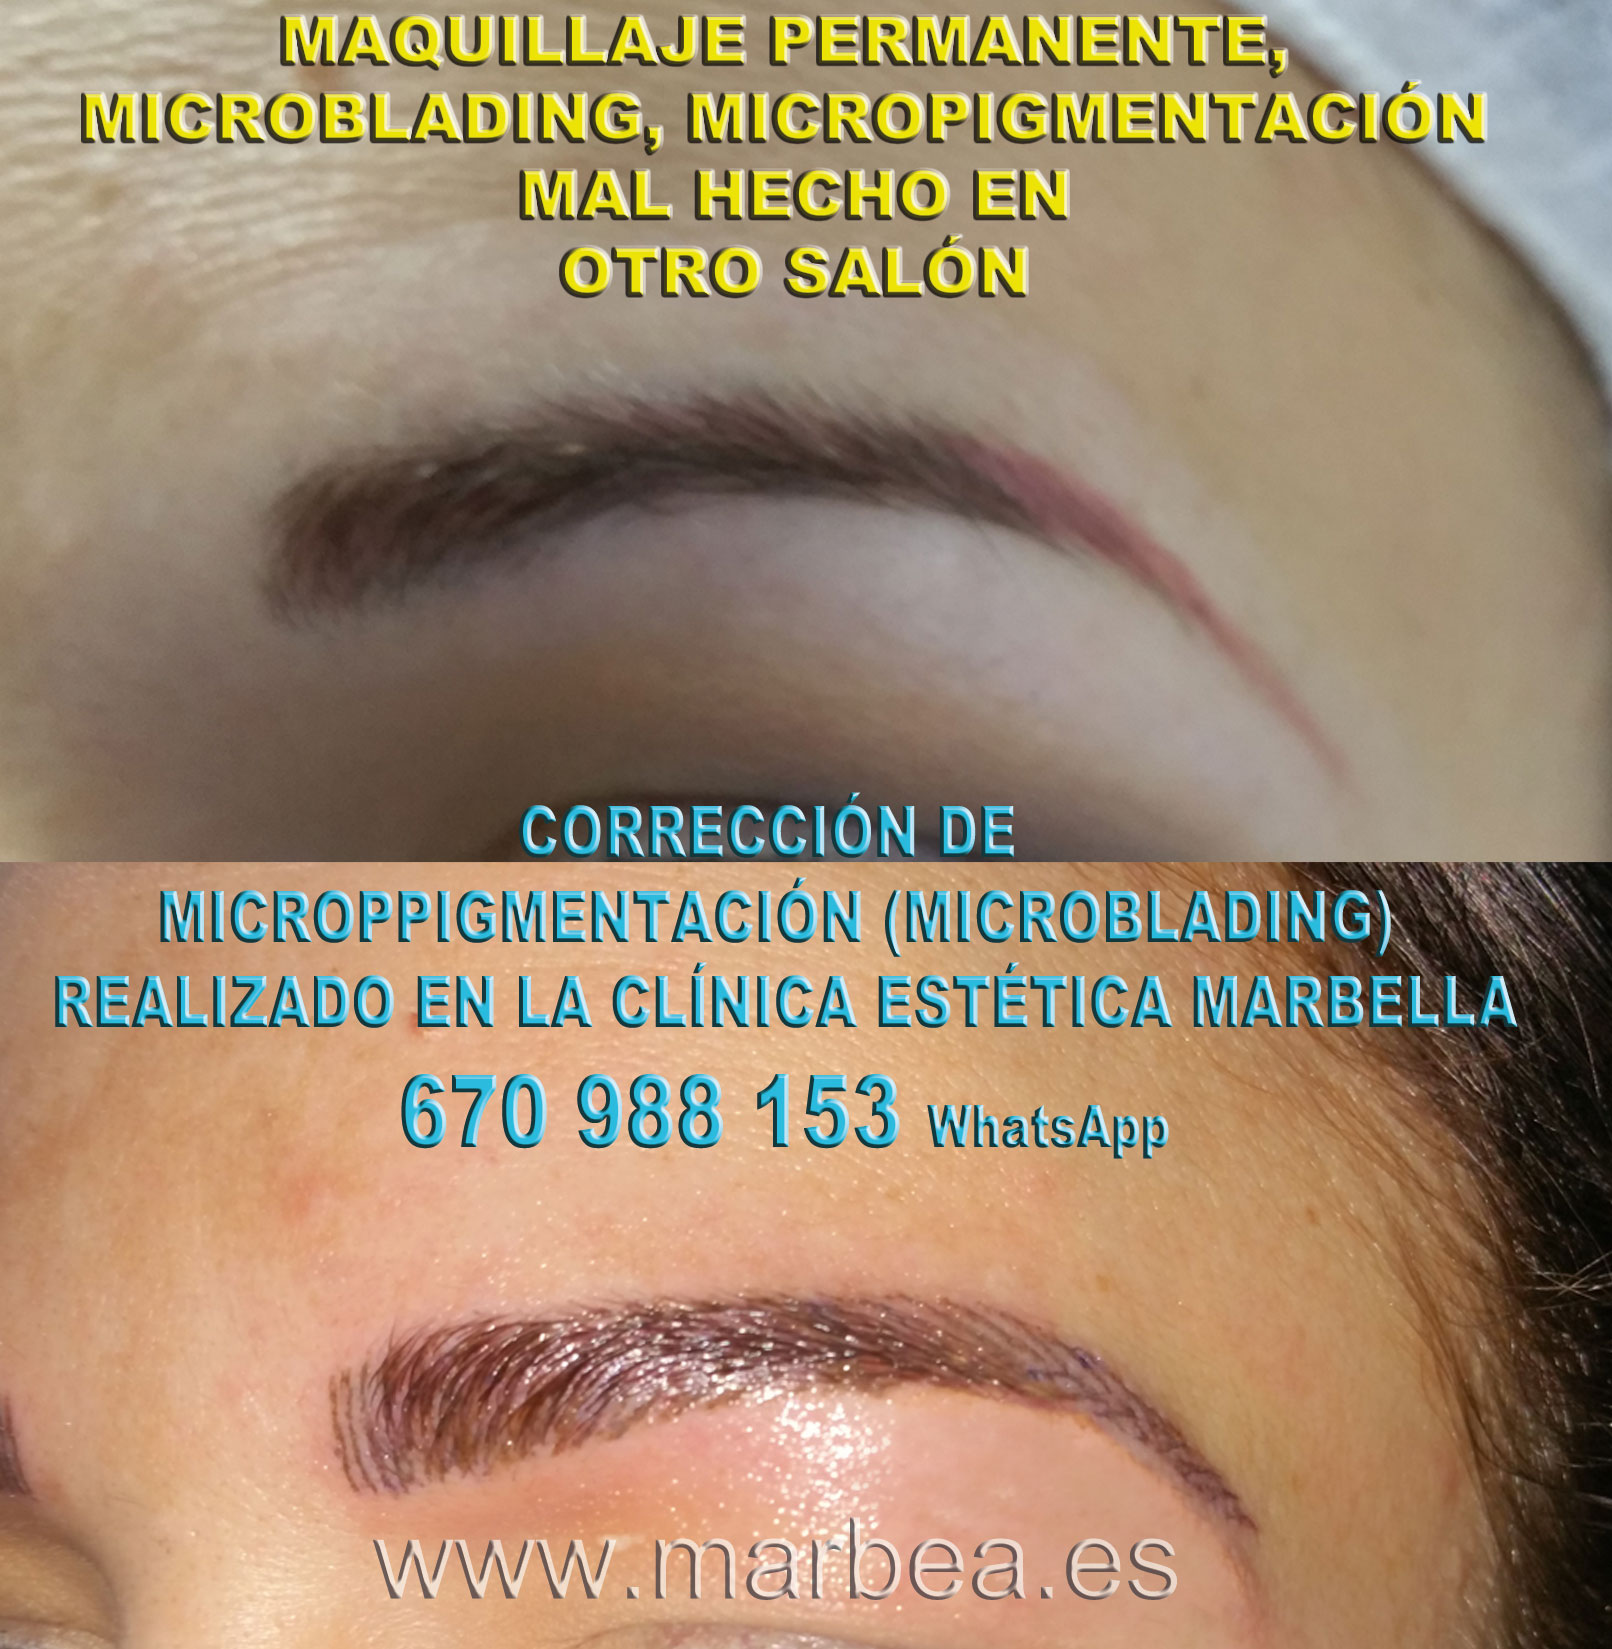 MAQUILLAJE PERMANENTE CEJAS MAL HECHO clínica estética microblading propone micropigmentacion correctiva de cejas,corregir micropigmentación mal hecha